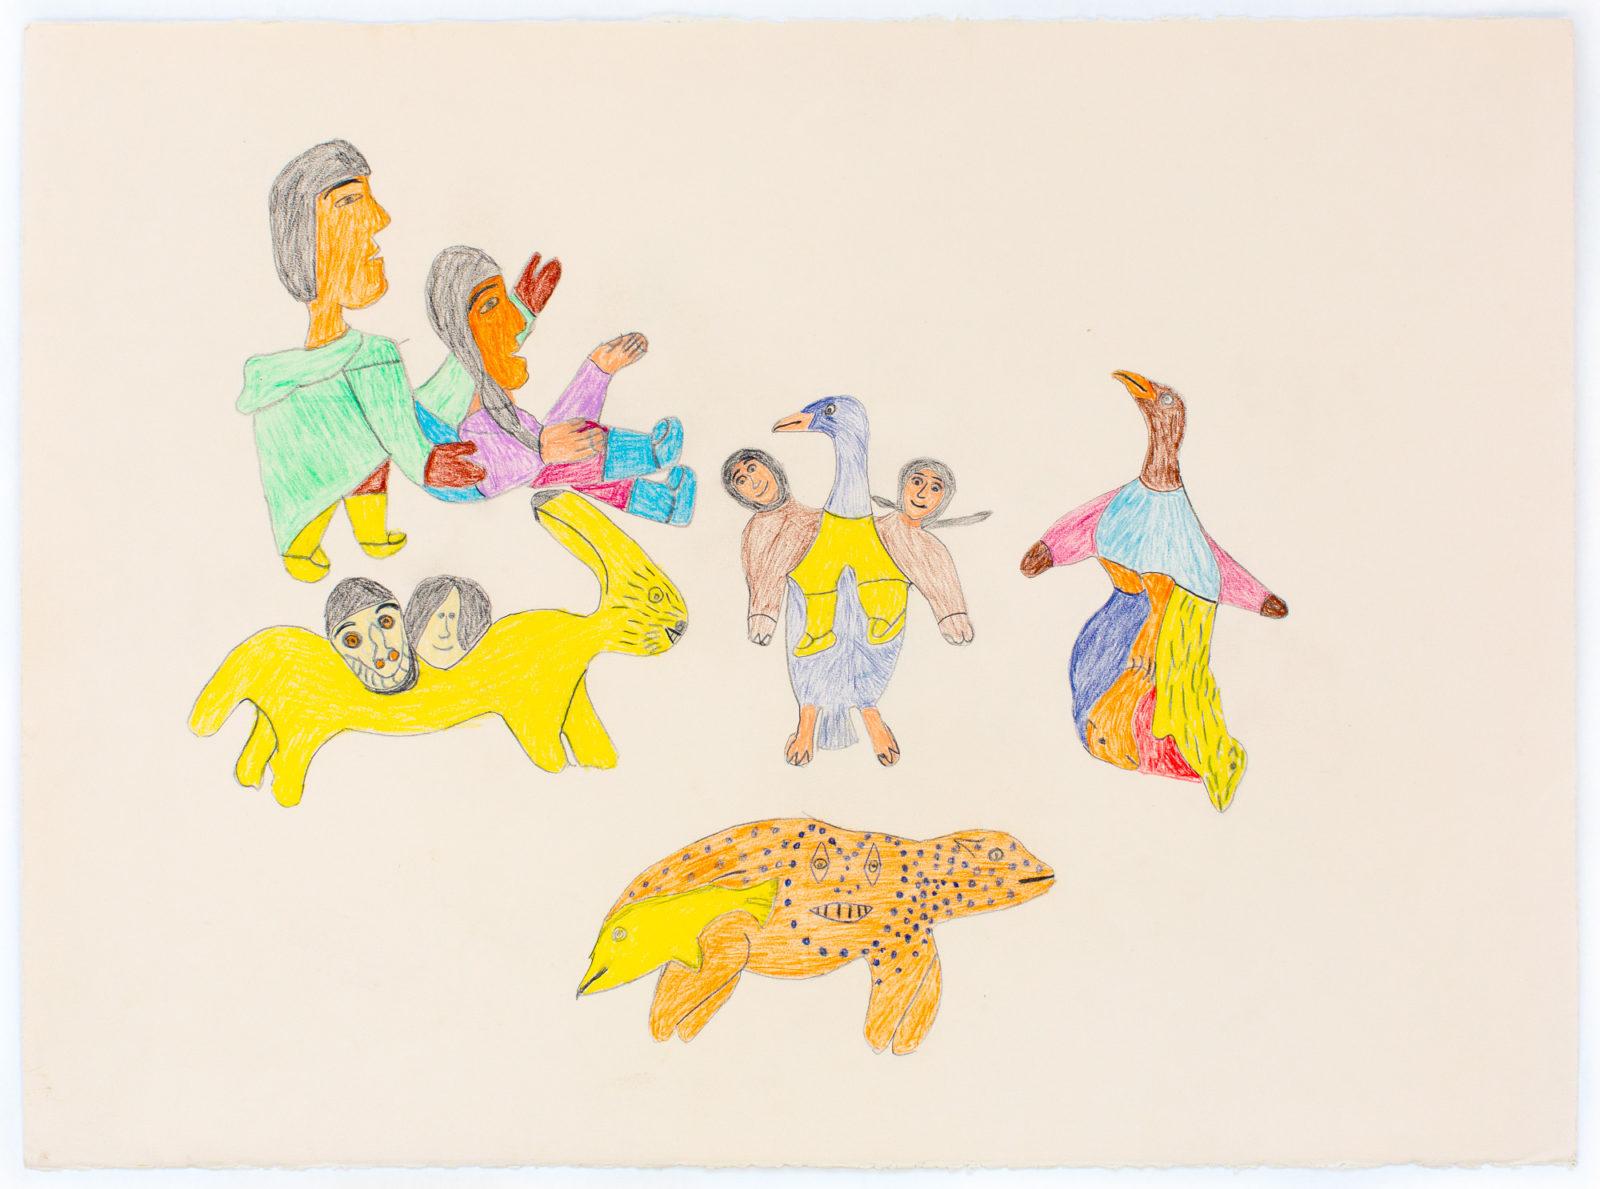 Francoise Oklaga - untitled (shaman and spirits)